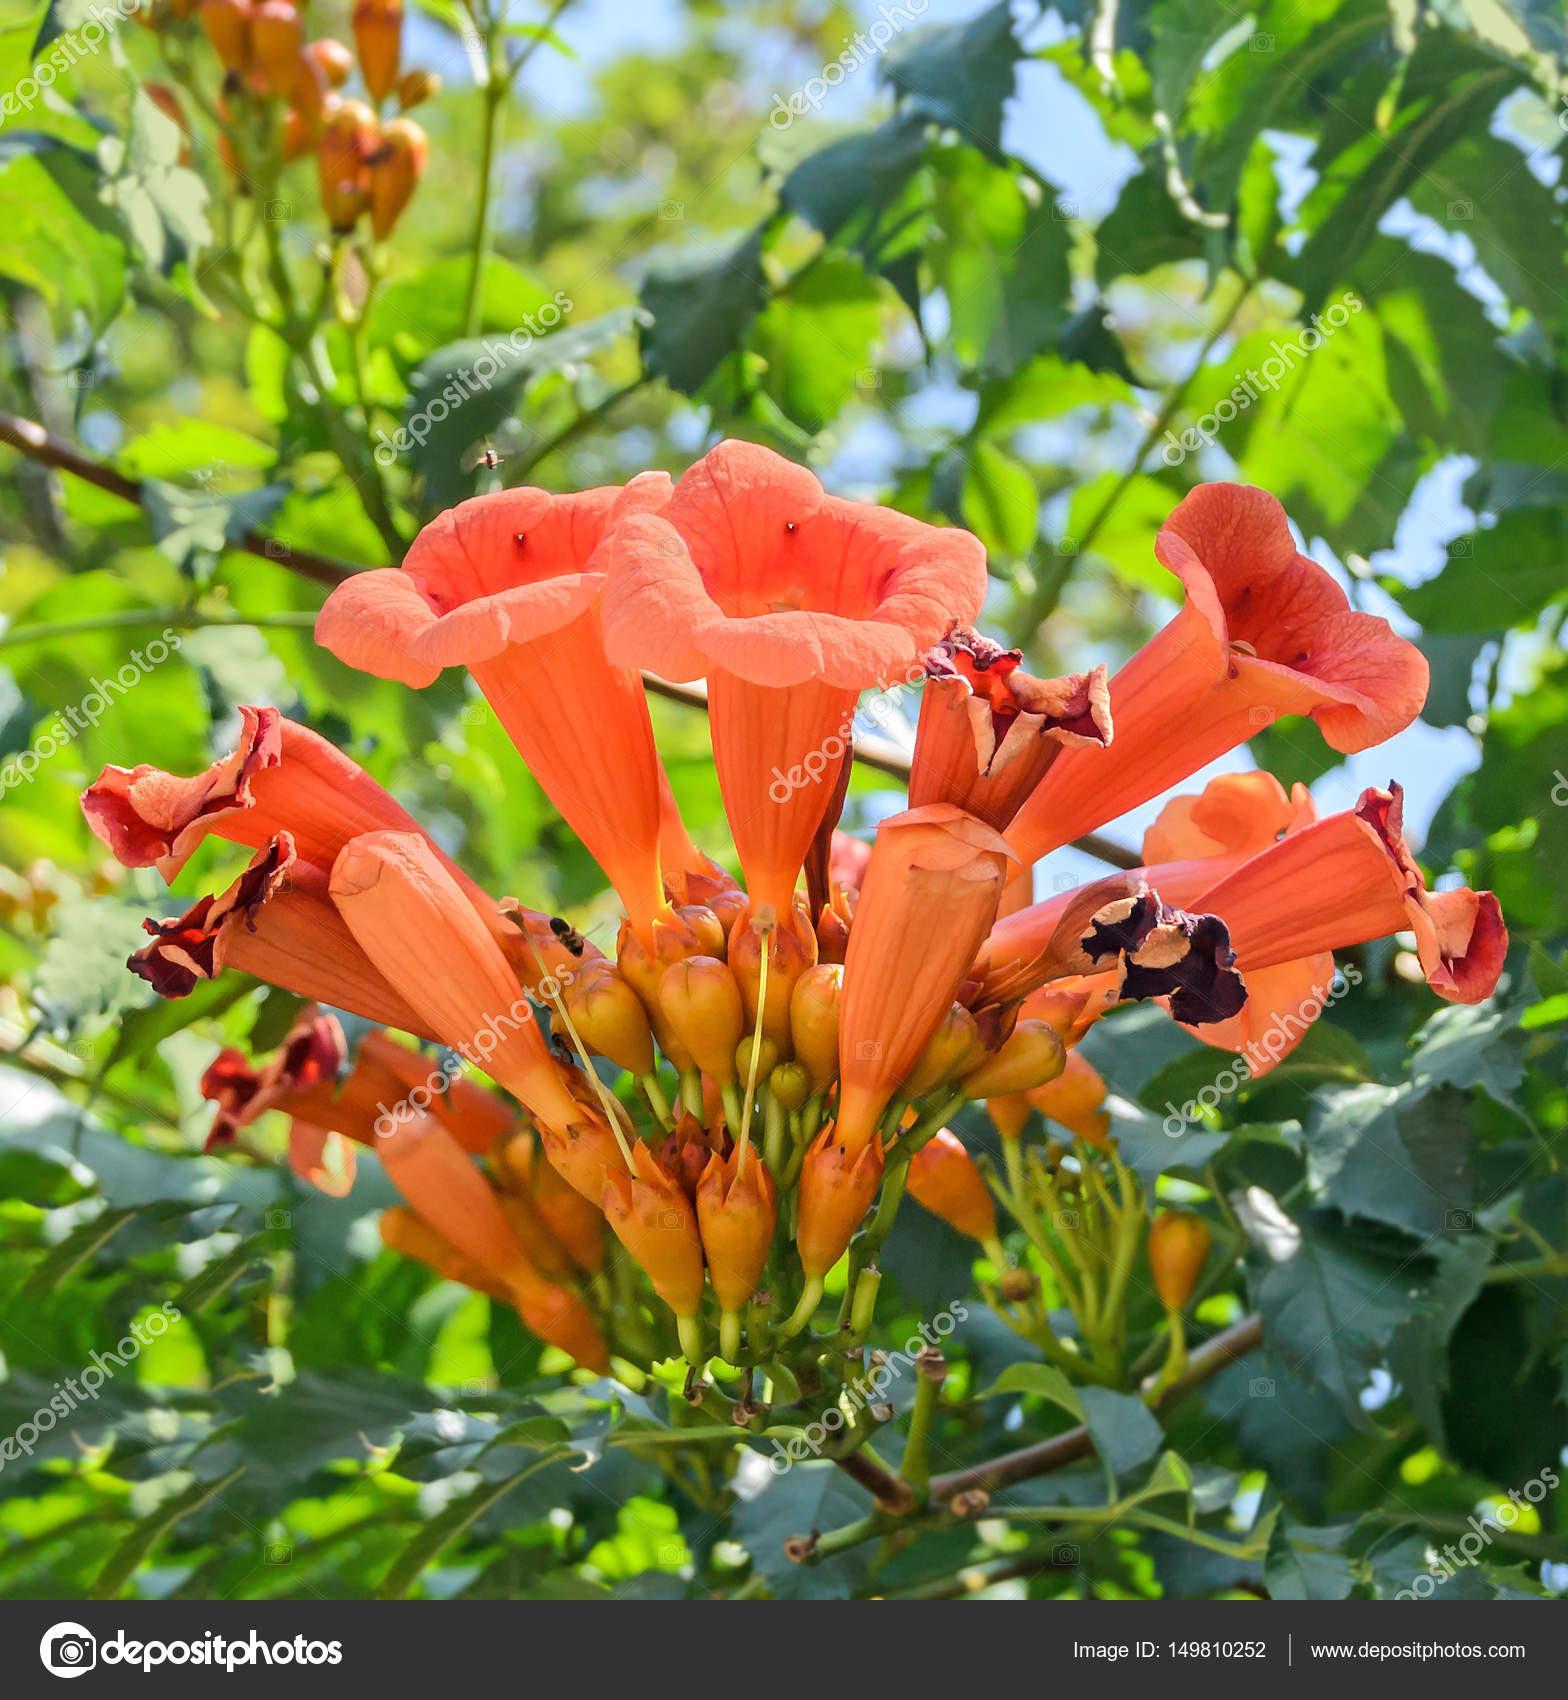 Milin radicans kwiaty trąbka winorośli lub trąbka pnącze r³wnież znany w Ameryce P³Å'nocnej jako winorośli swędzenia krowy lub winorośli koliber